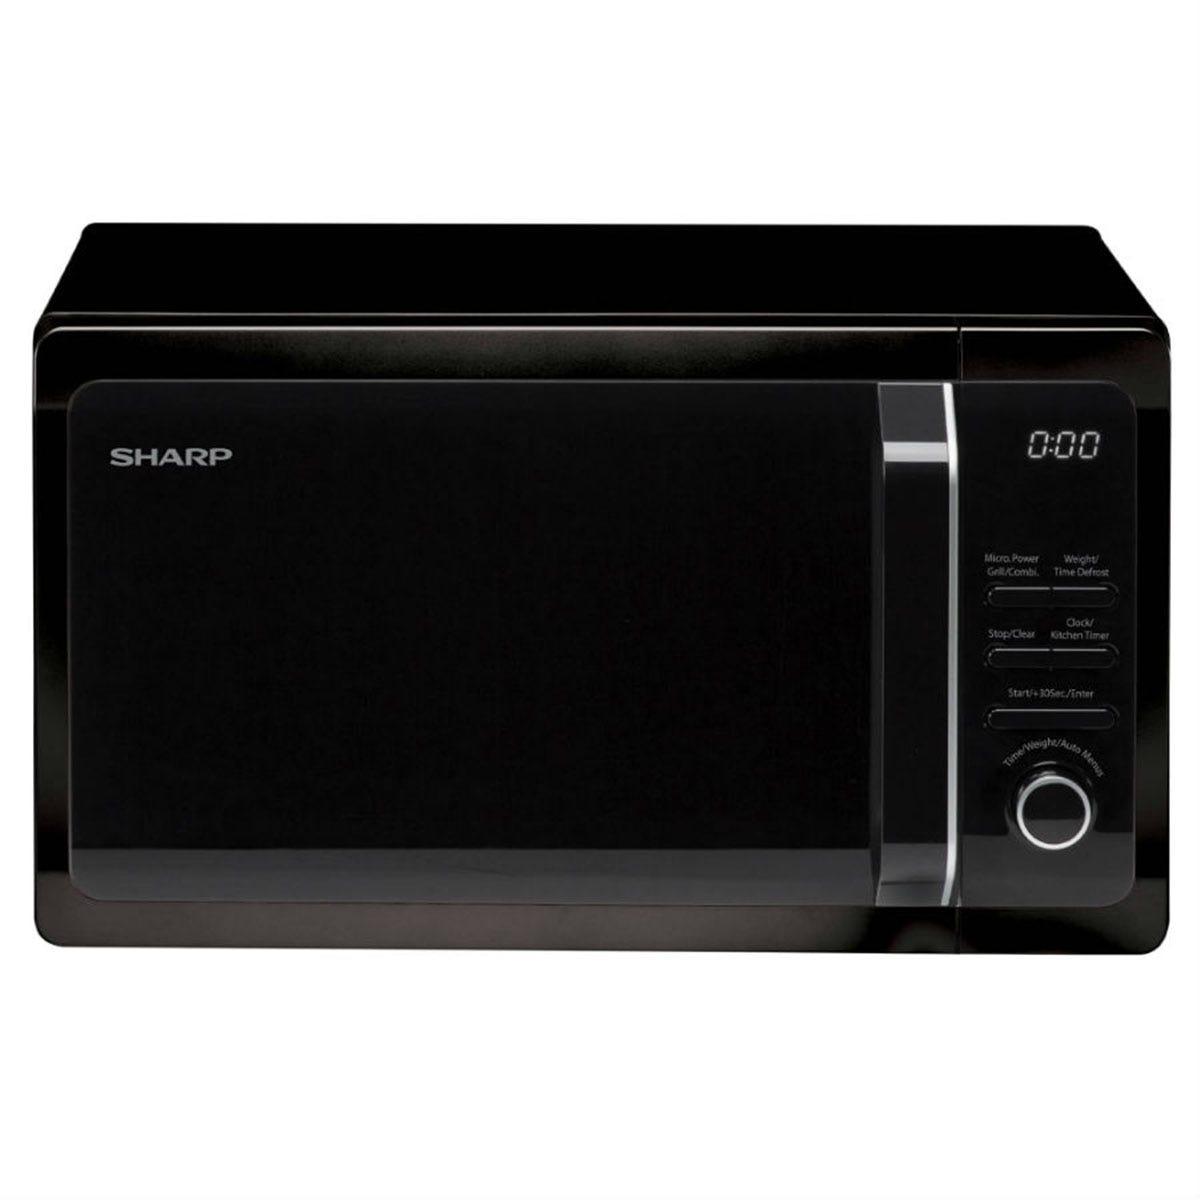 Sharp R664KM 20L 800W Digital Microwave with 1000W Quartz Grill - Black